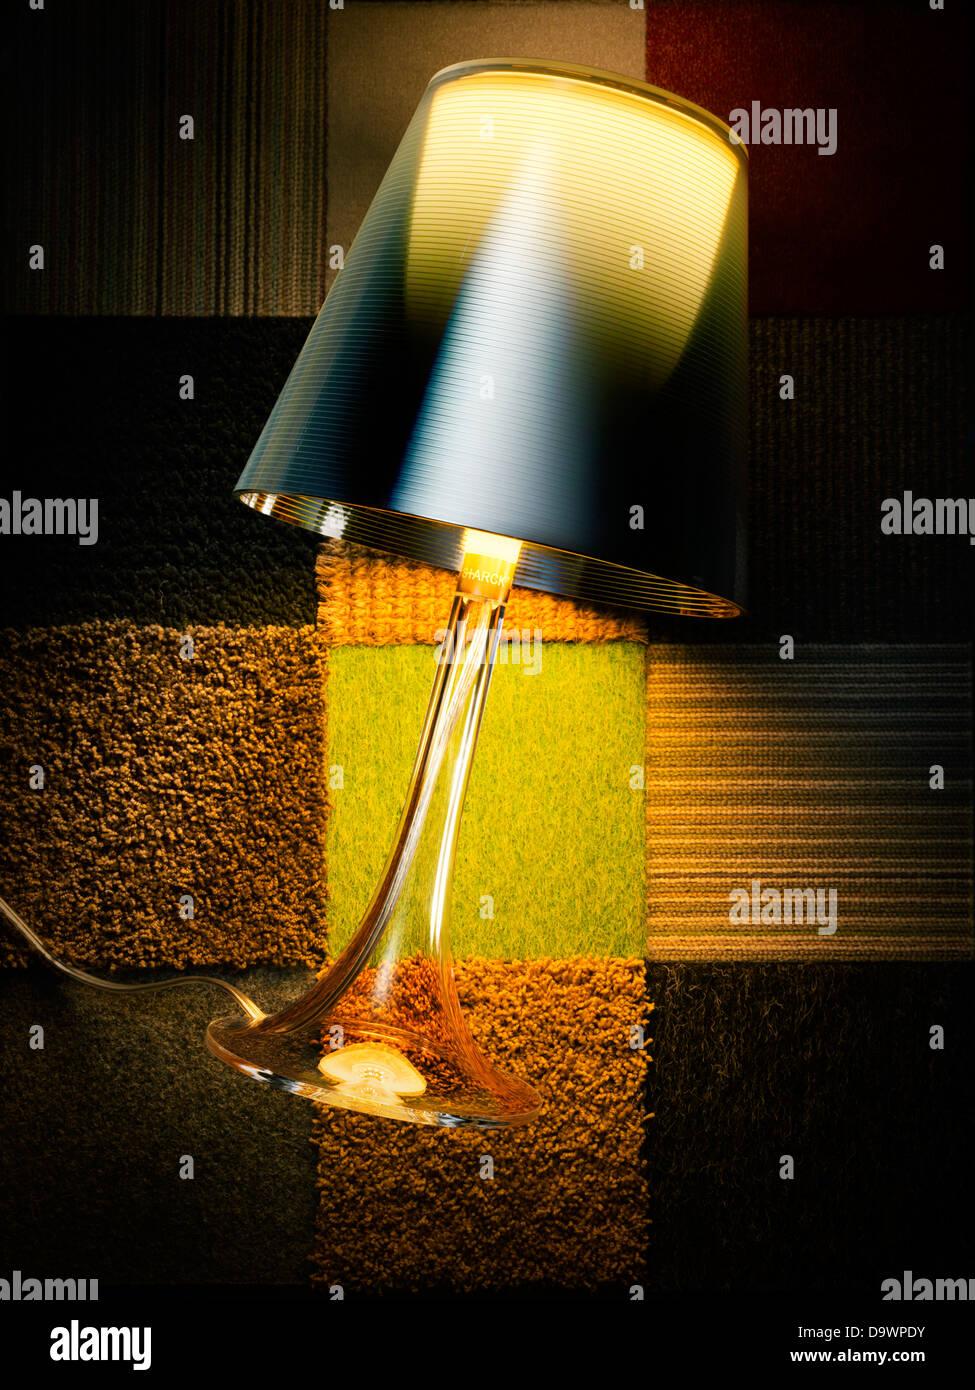 lampada su un tappeto Immagini Stock